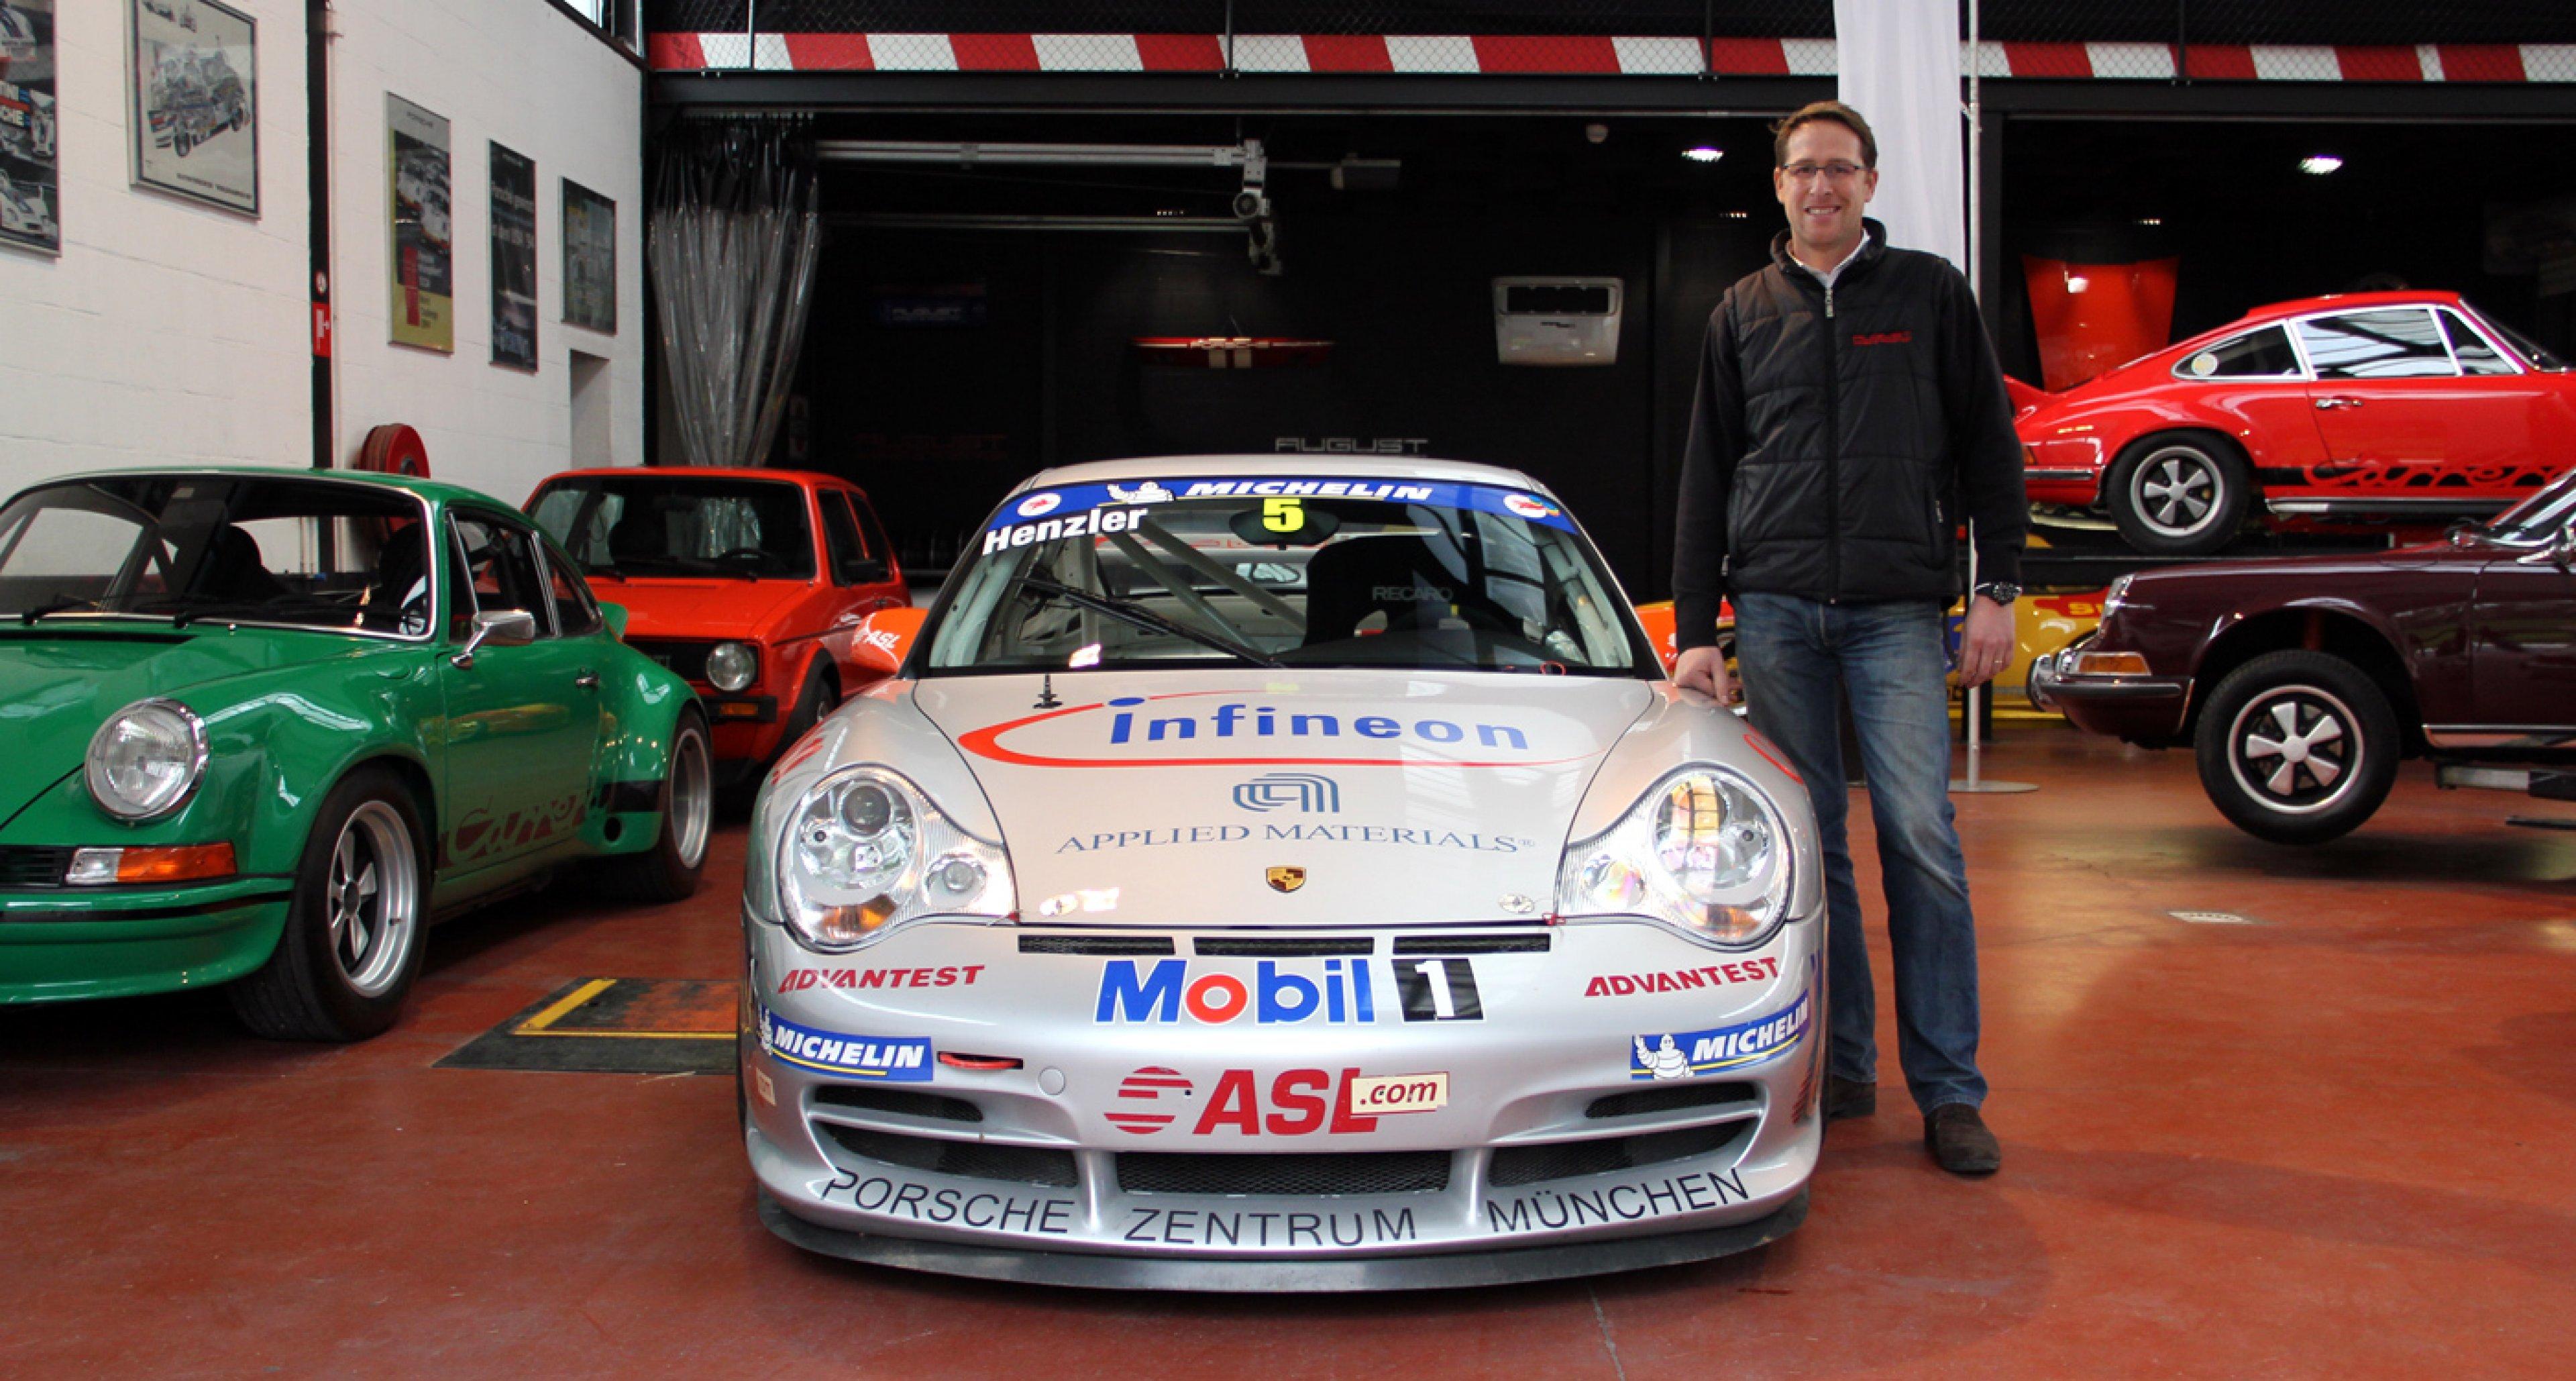 August Porsche Addiction